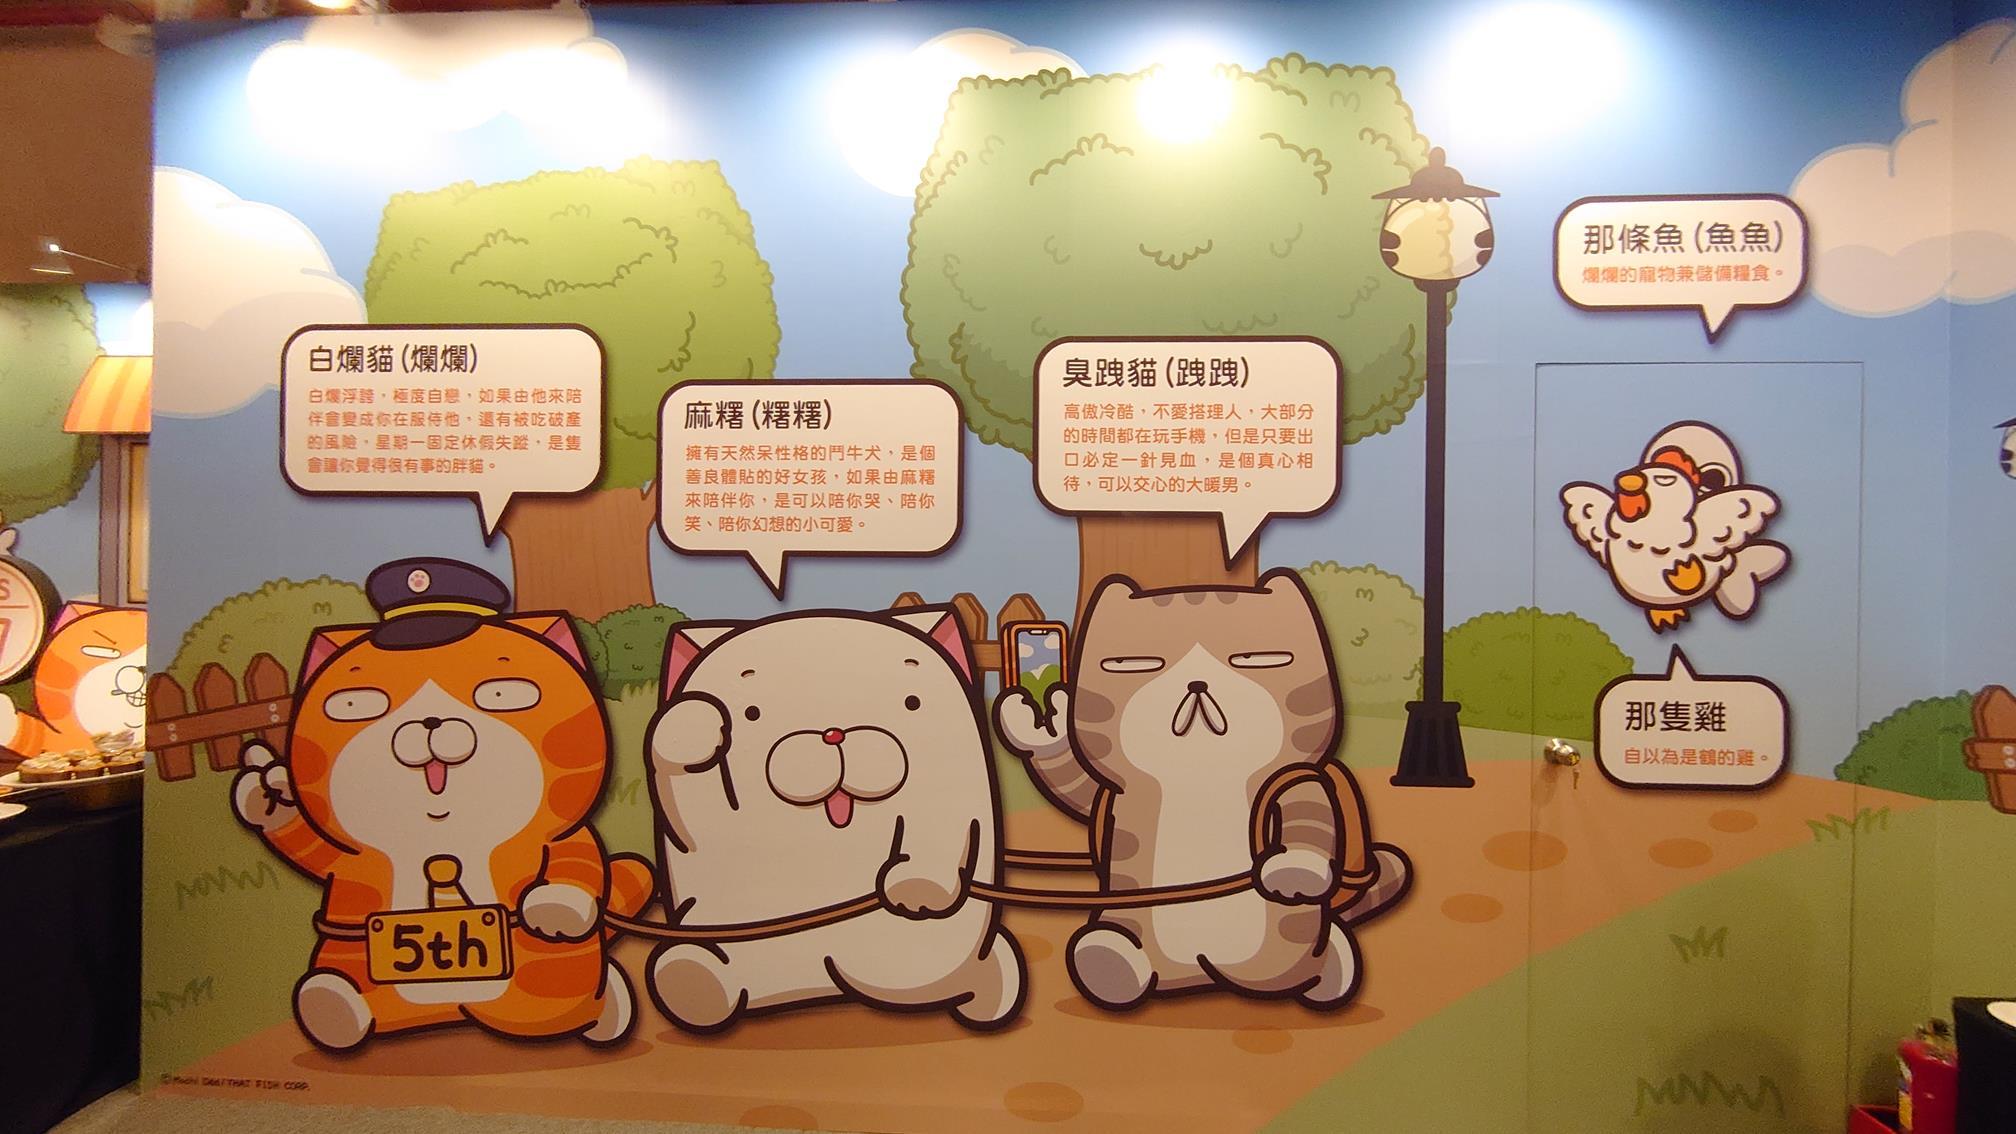 【嗨起來!白爛貓五週年特展】票種&票價、13展區特色、白爛貓周邊商品懶人包! - threeonelee.com